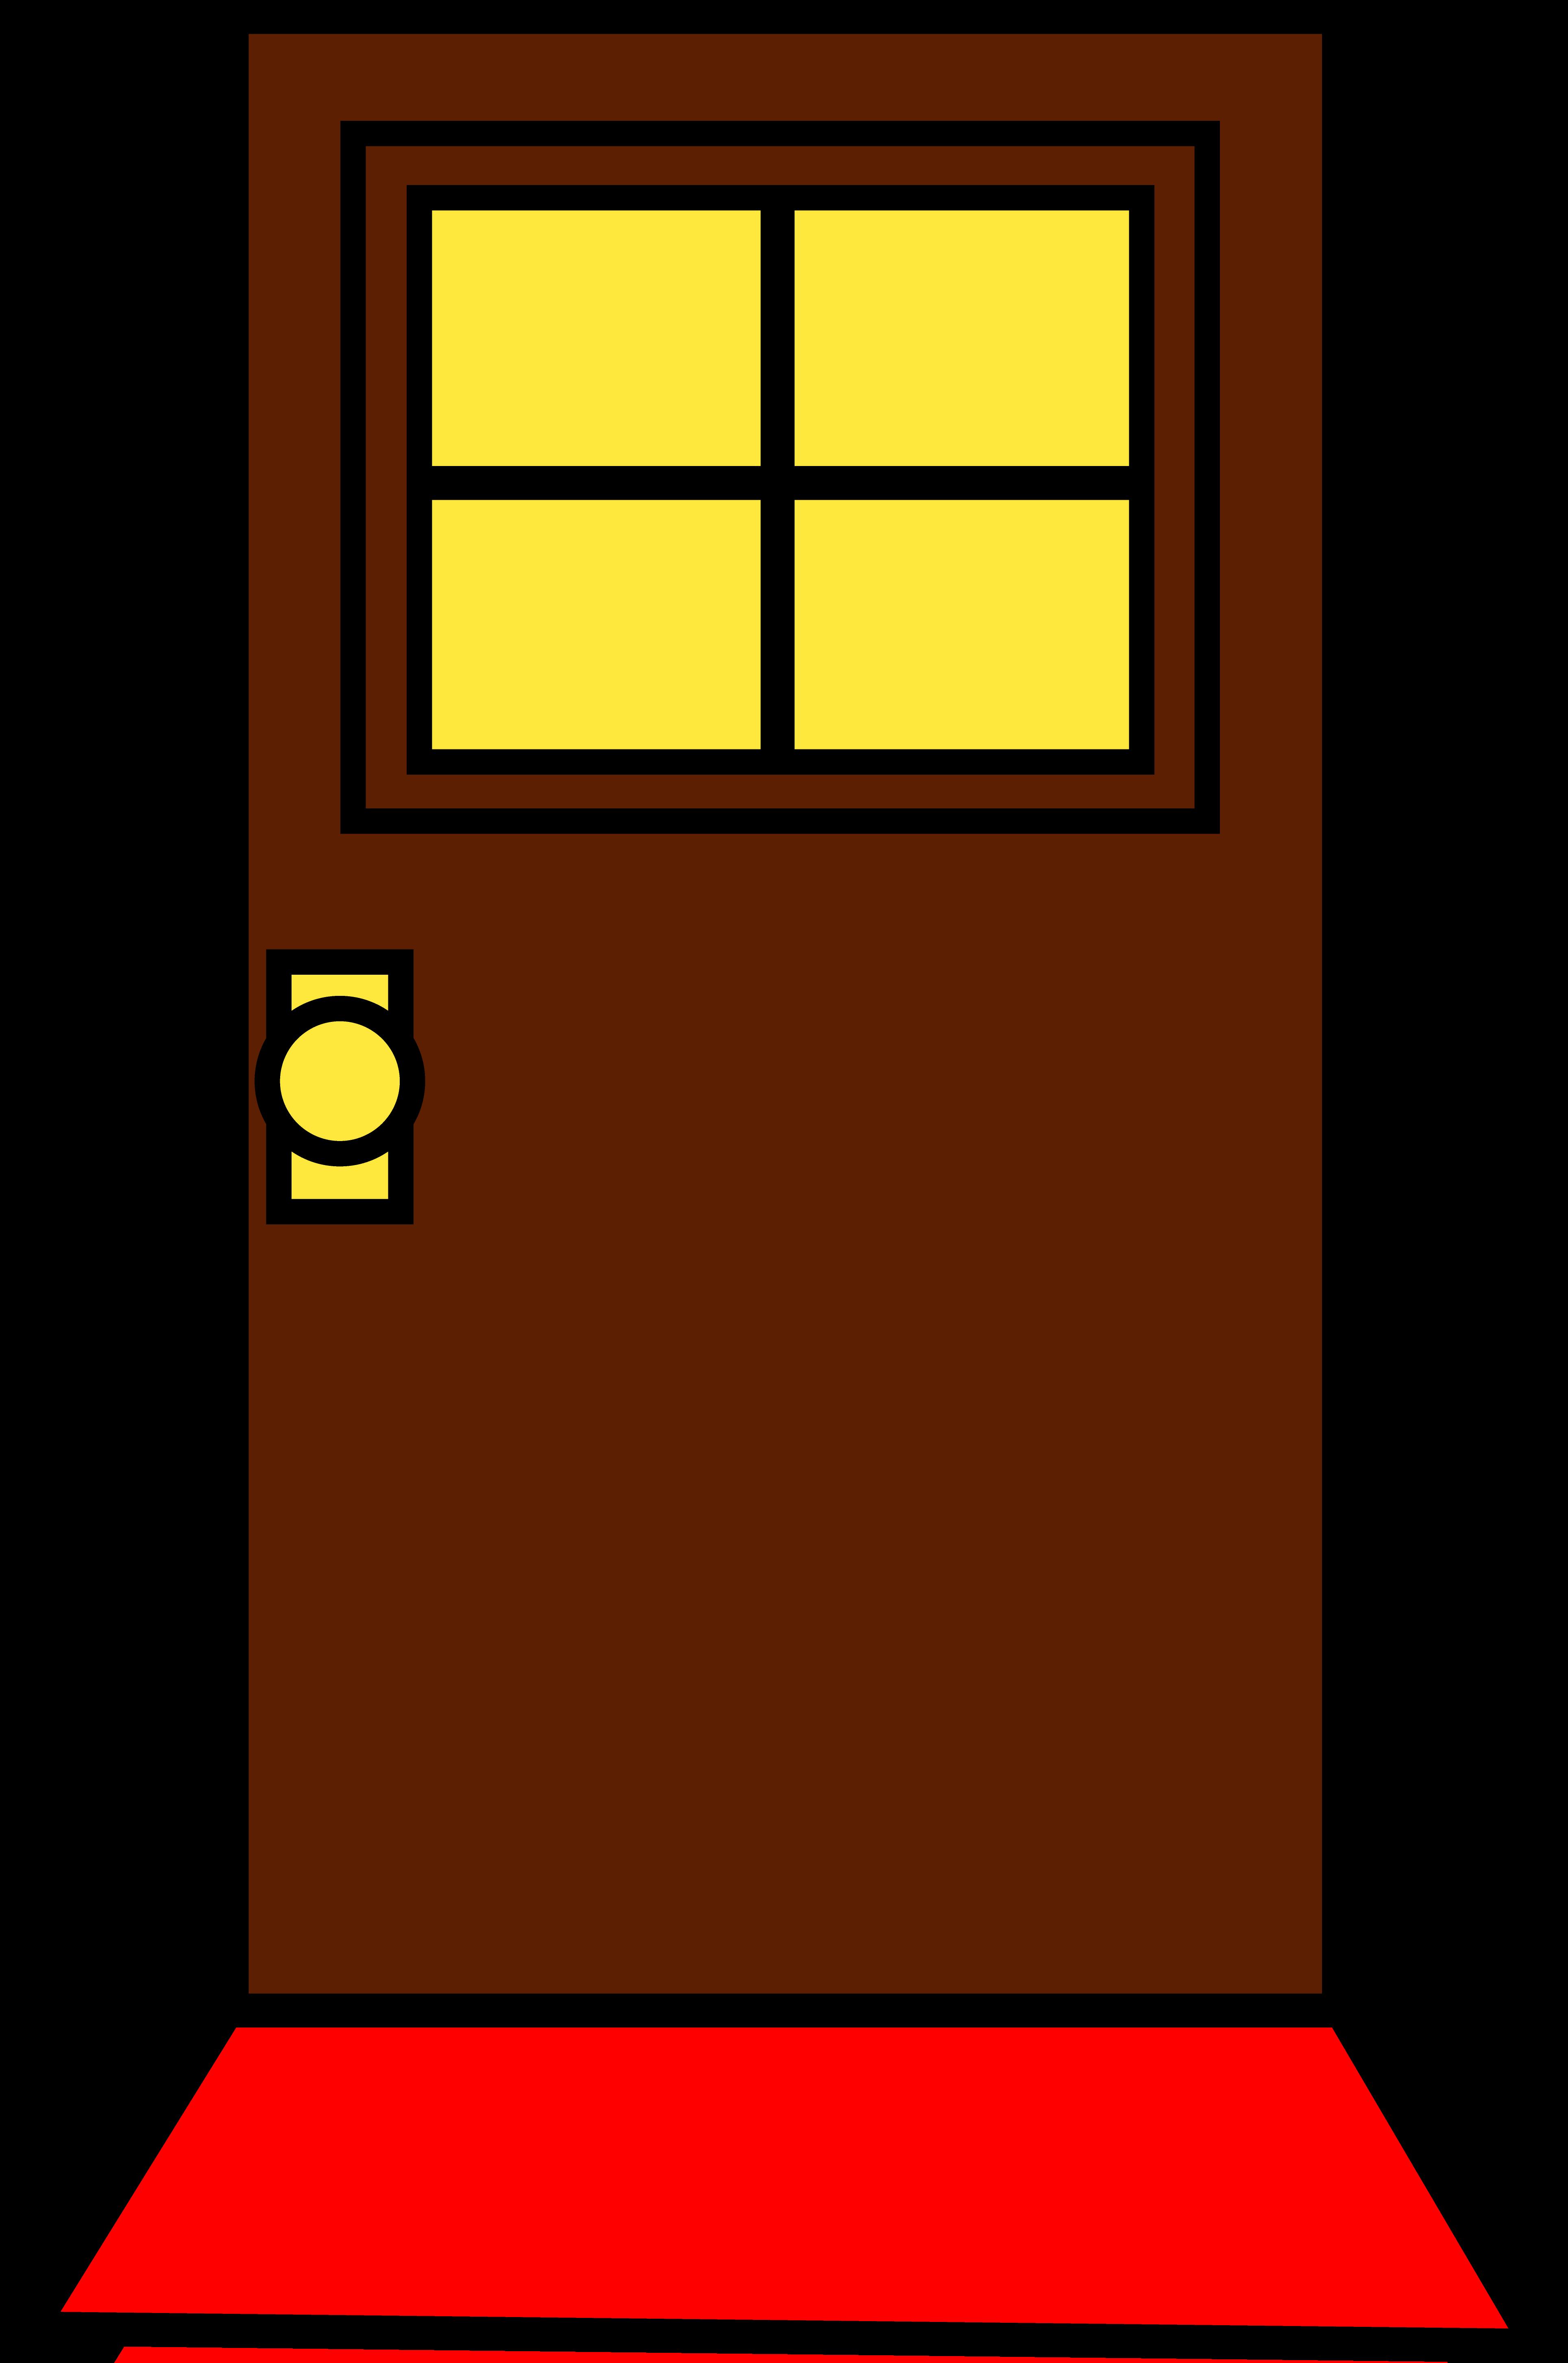 Door clipart #4, Download drawings